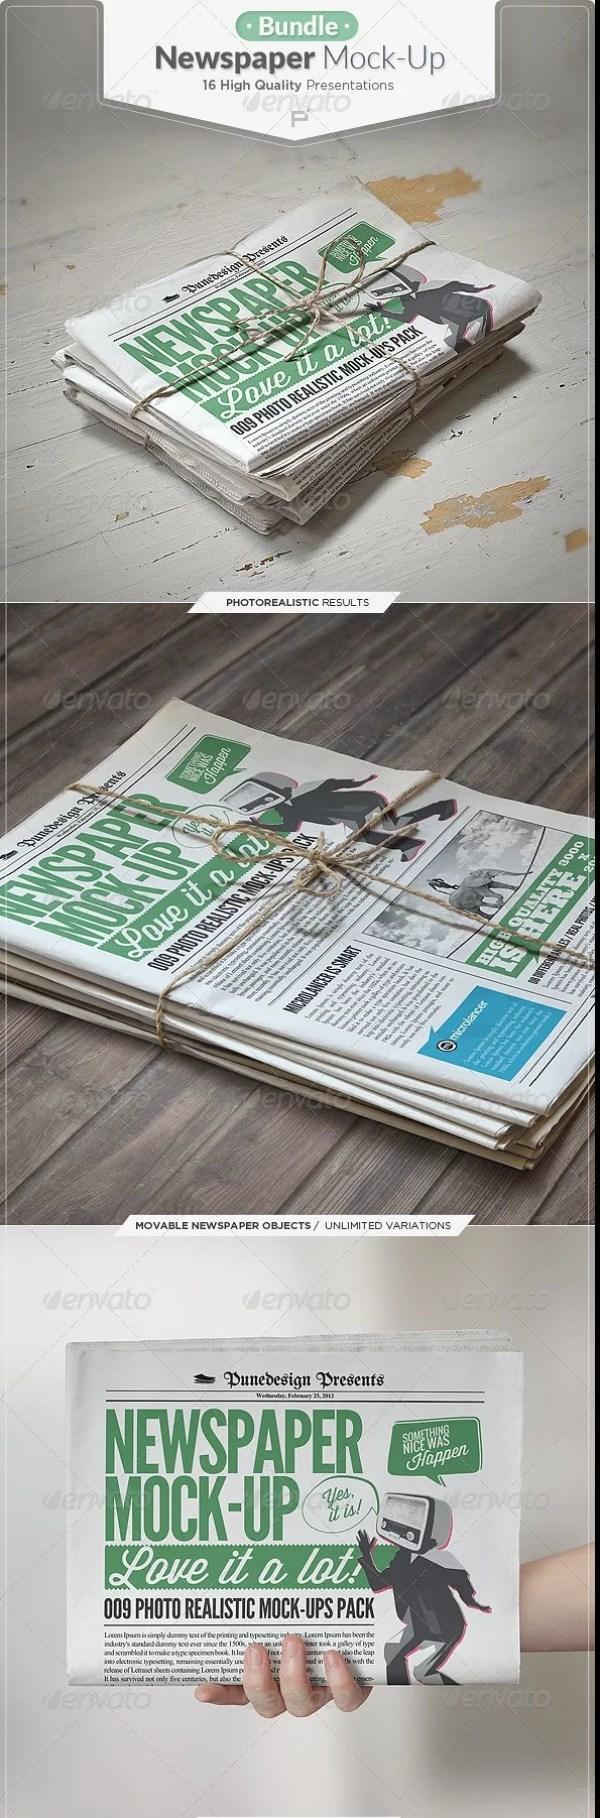 Newspaper-Mockup-Bundle